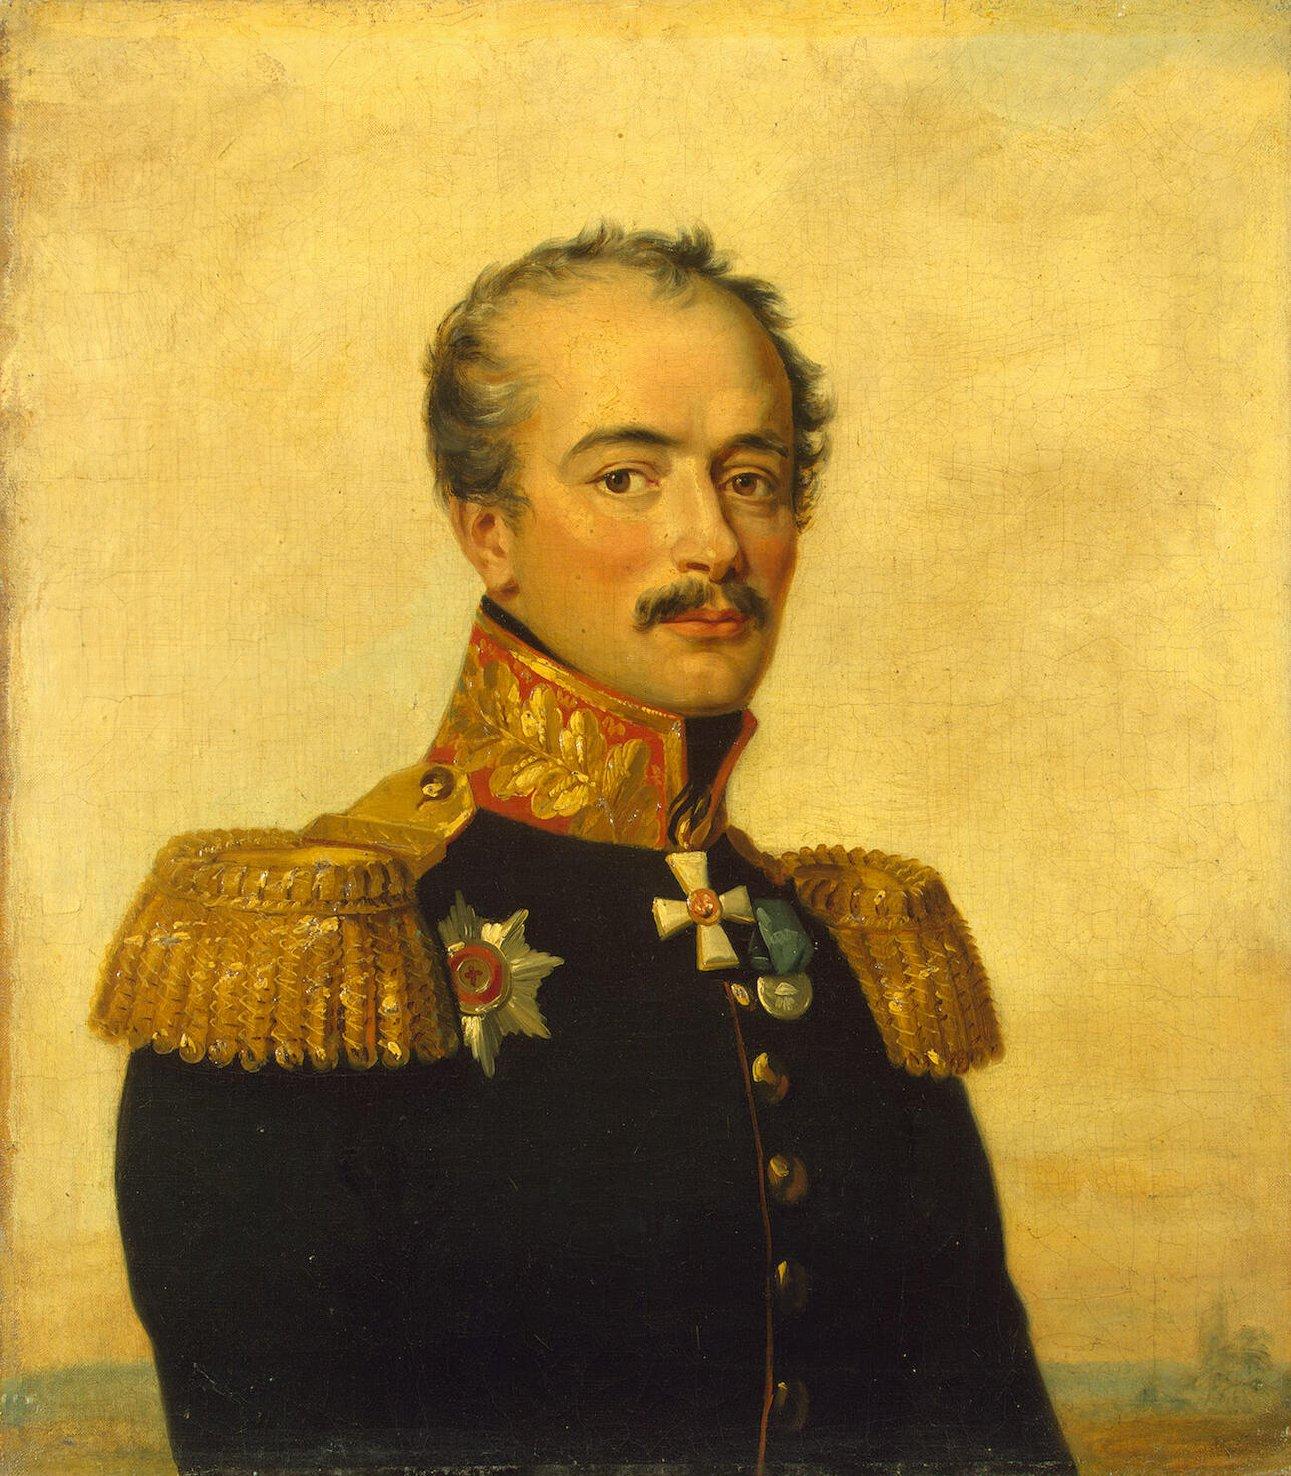 Вадбольский, Иван Михайлович